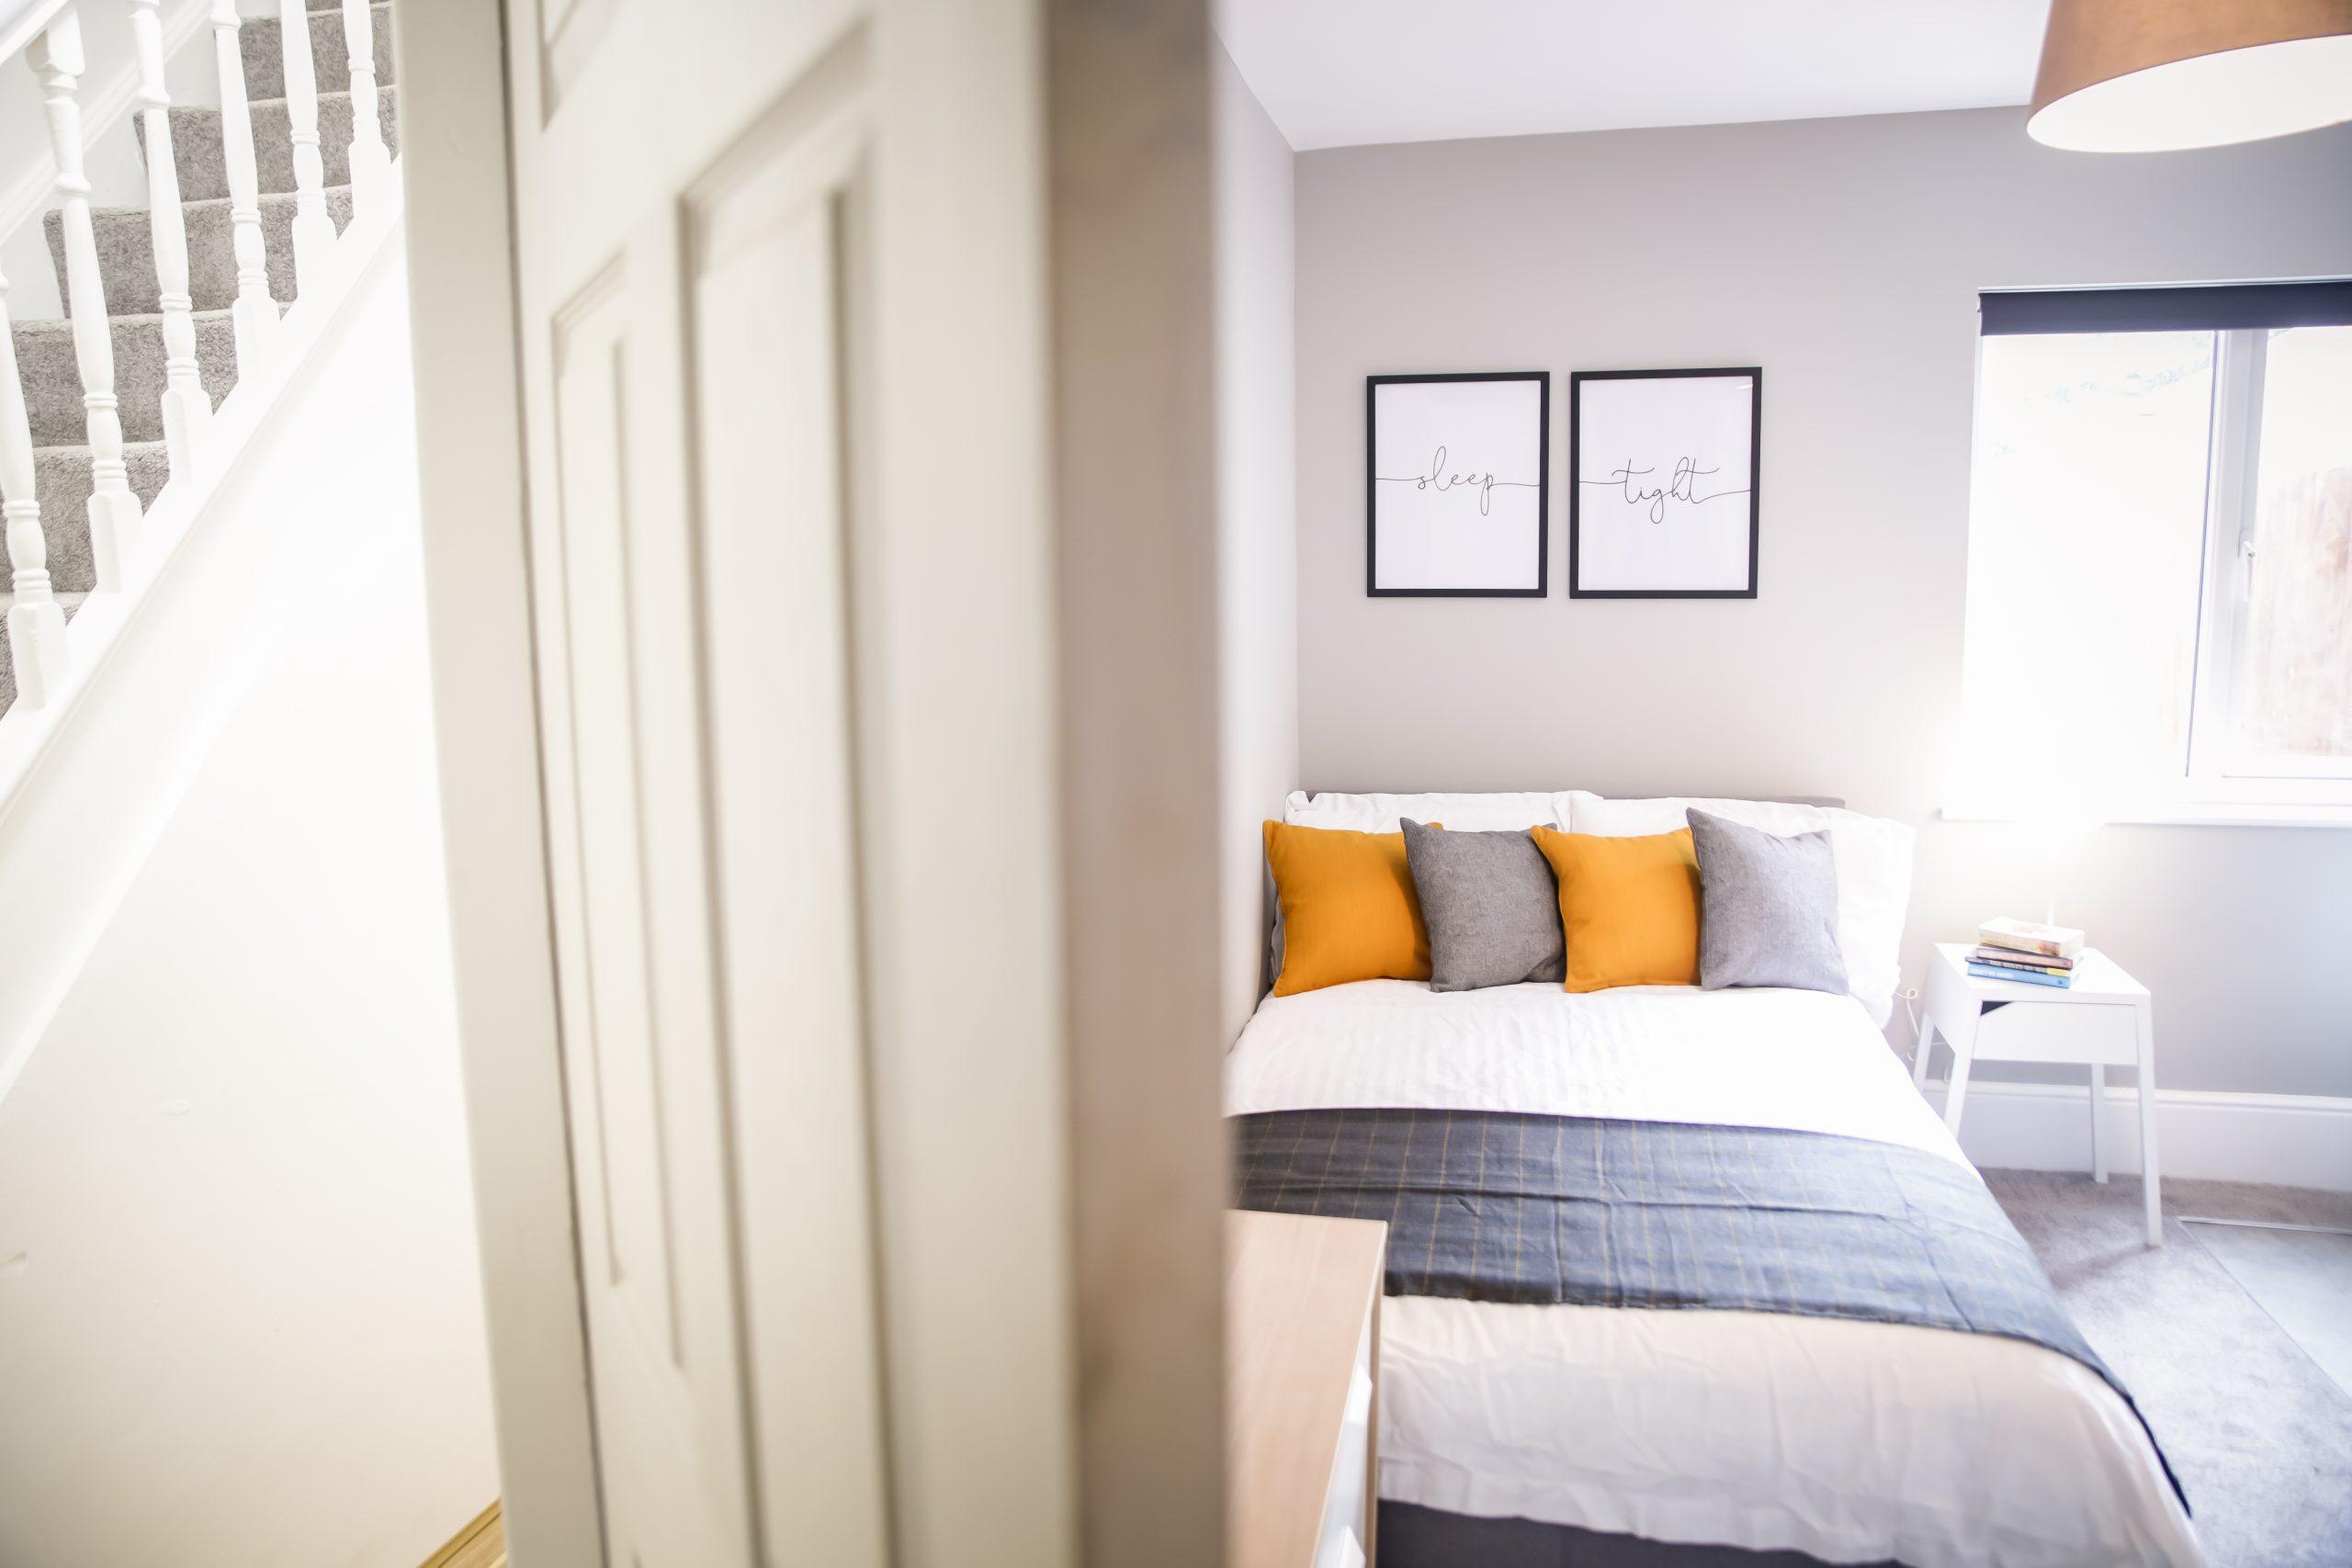 En-suite Room – Kings Heath – B14